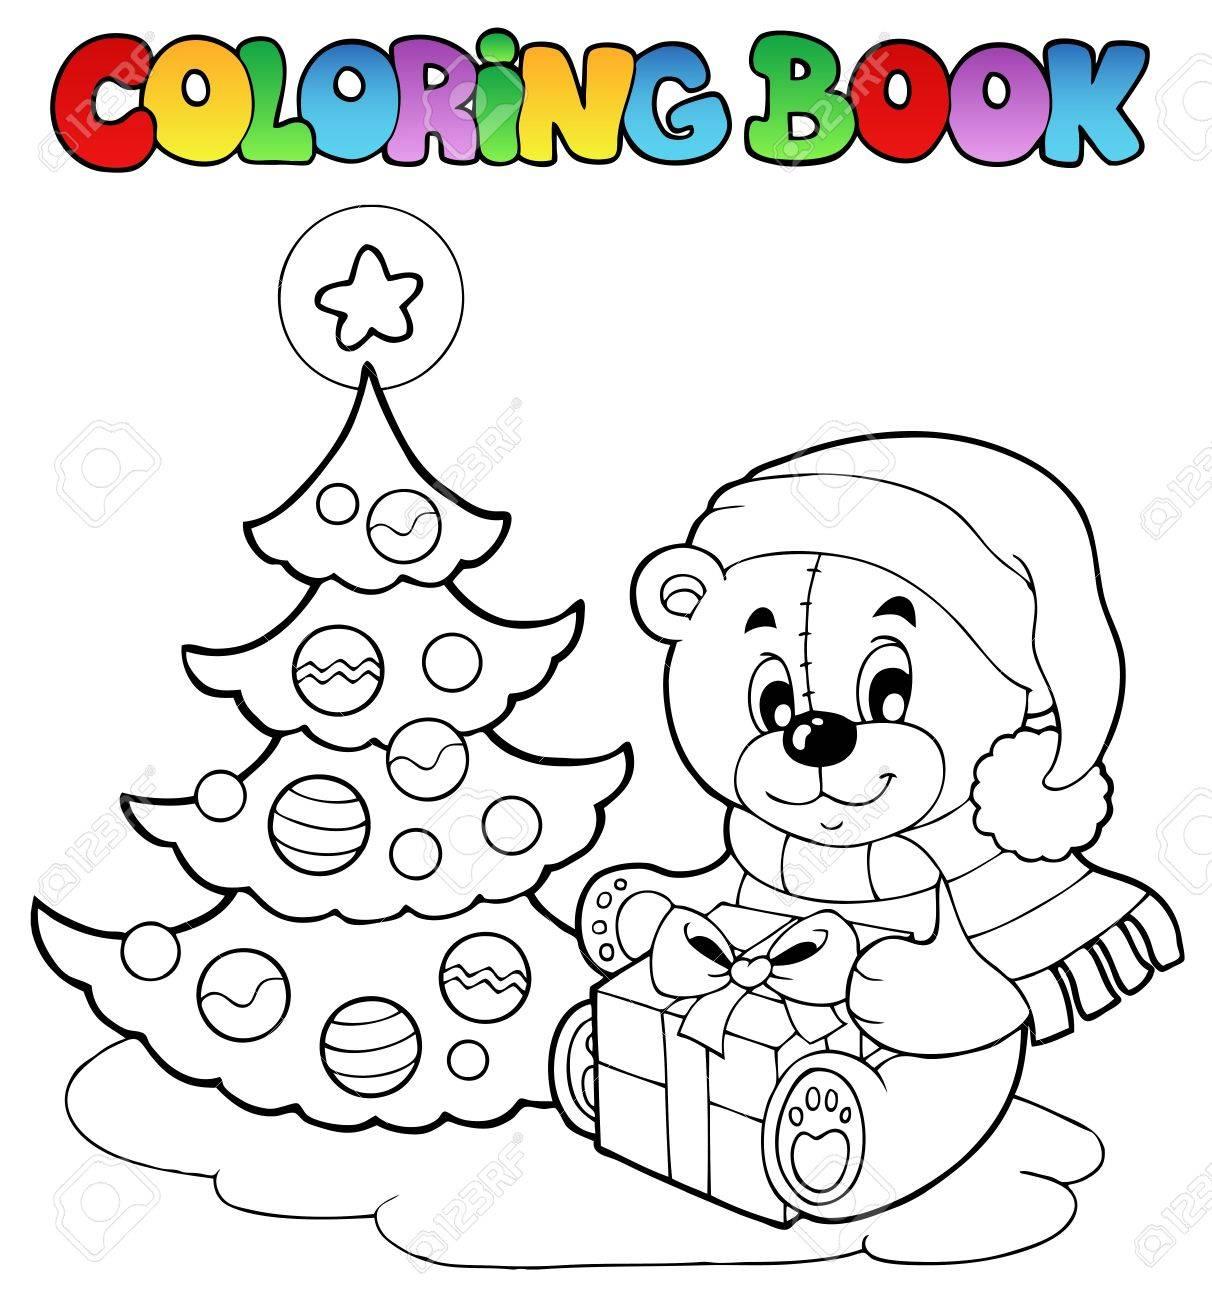 Malbuch Weihnachten Teddybär - Vektor-Illustration. Lizenzfrei ...